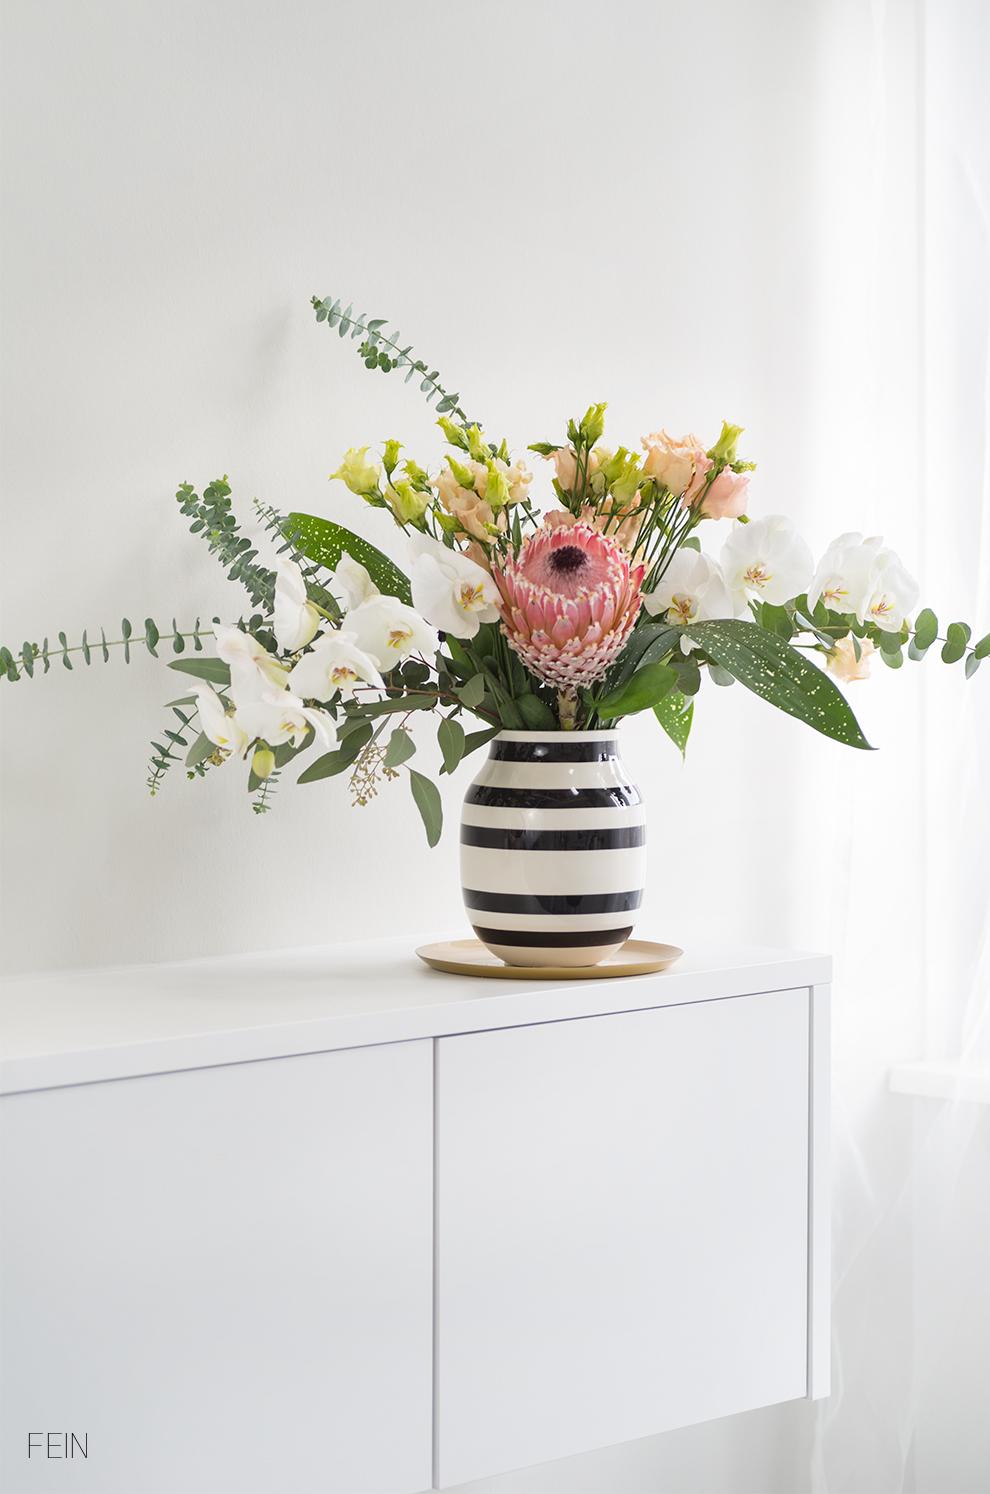 Pflanzen Blumenstrauß skandinavisch